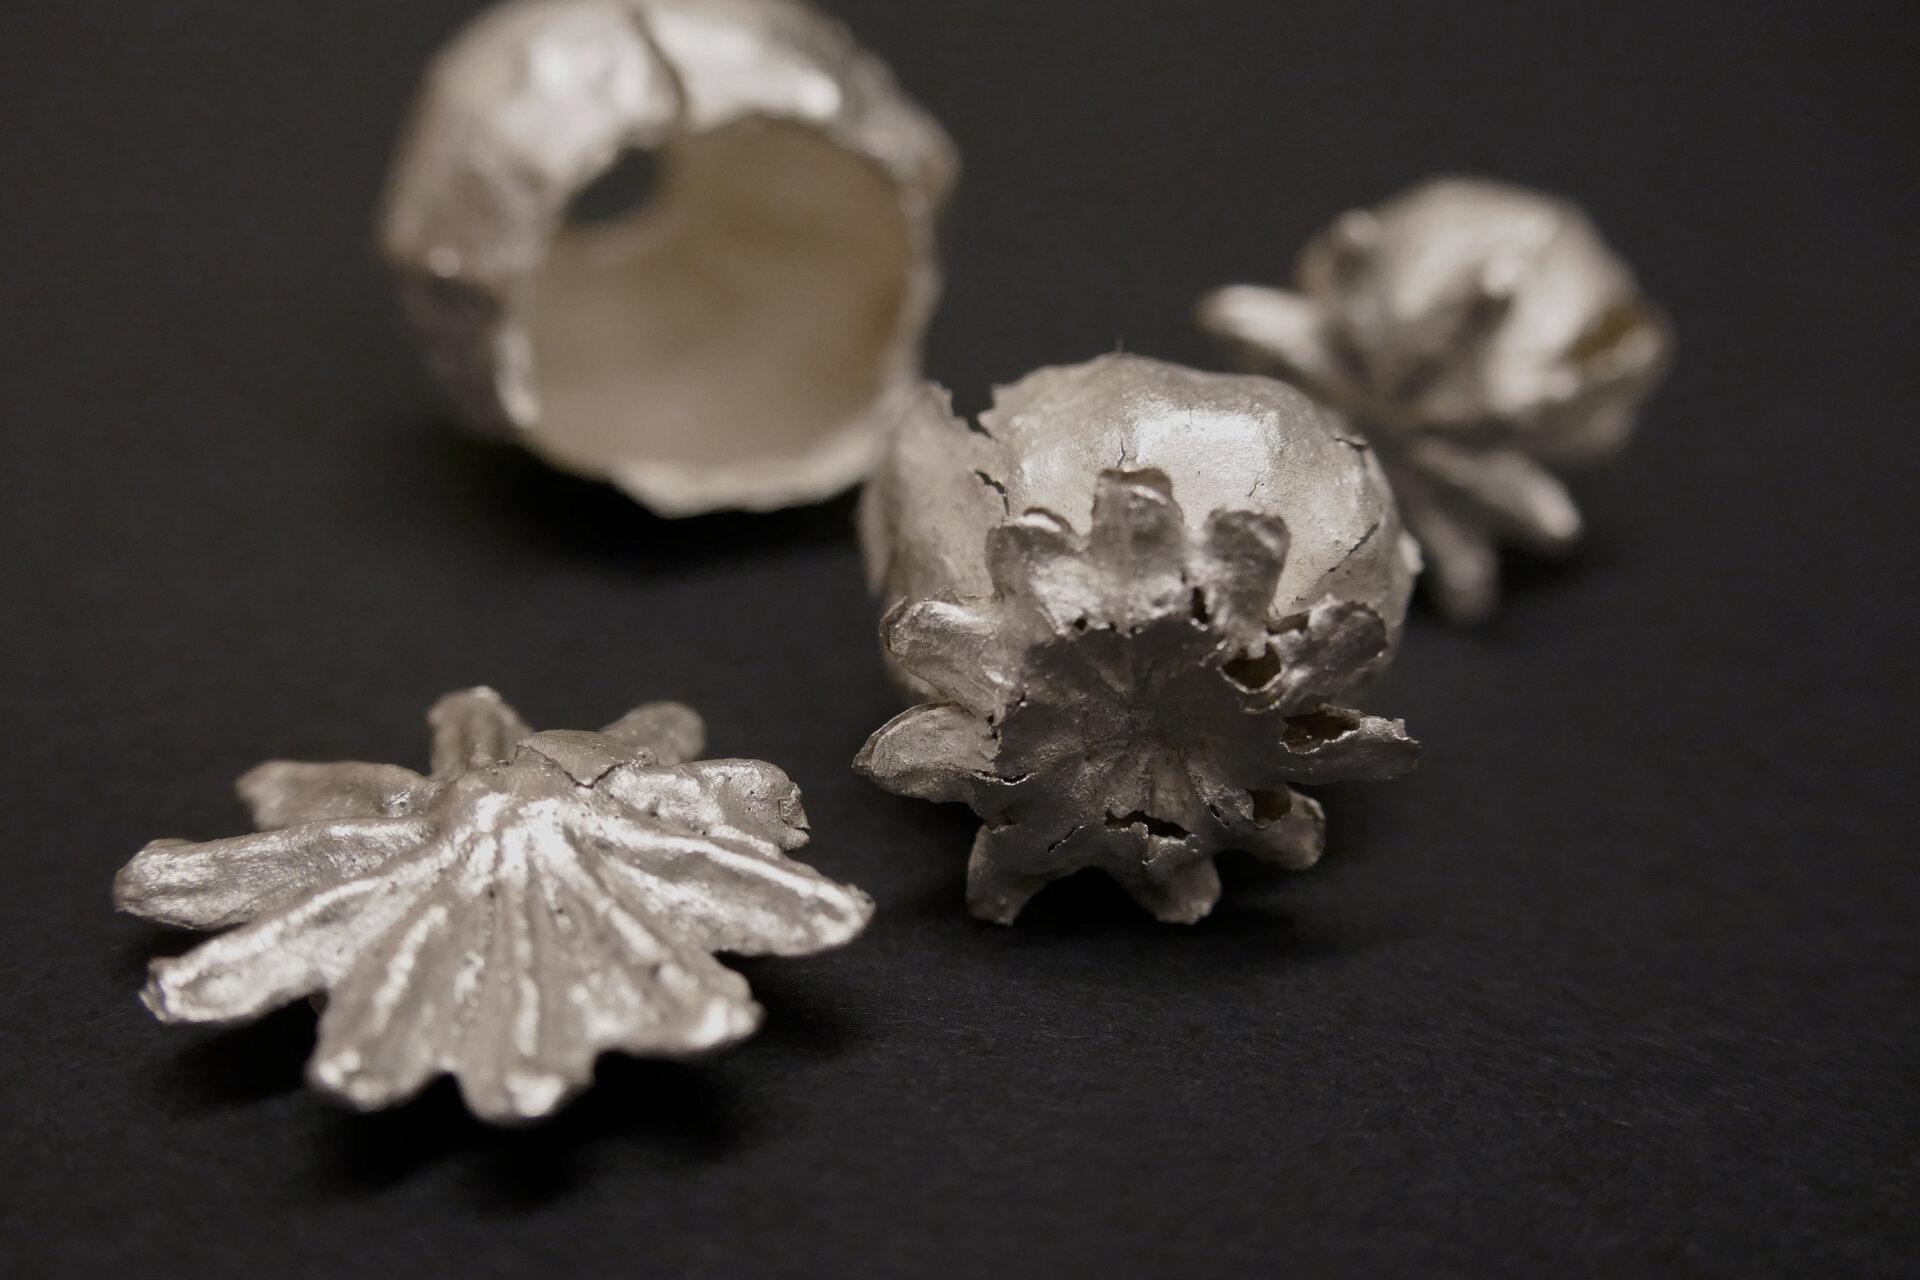 Silber, der Natur in Form und Vielfalt entlehnt